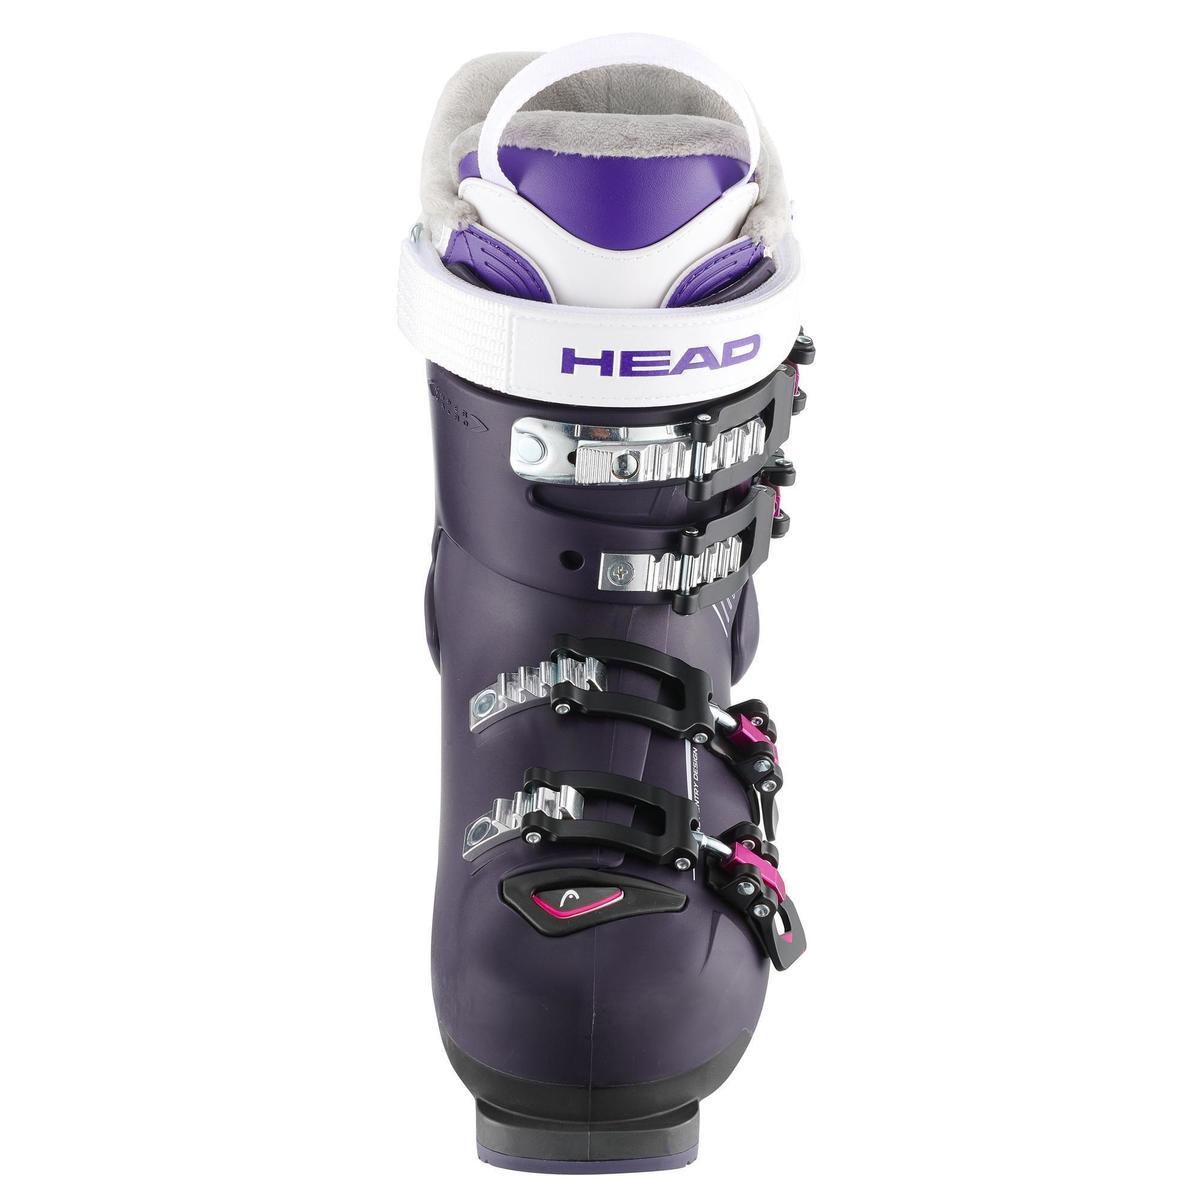 Bild 4 von Skischuhe Advant Edge 75 Damen violett